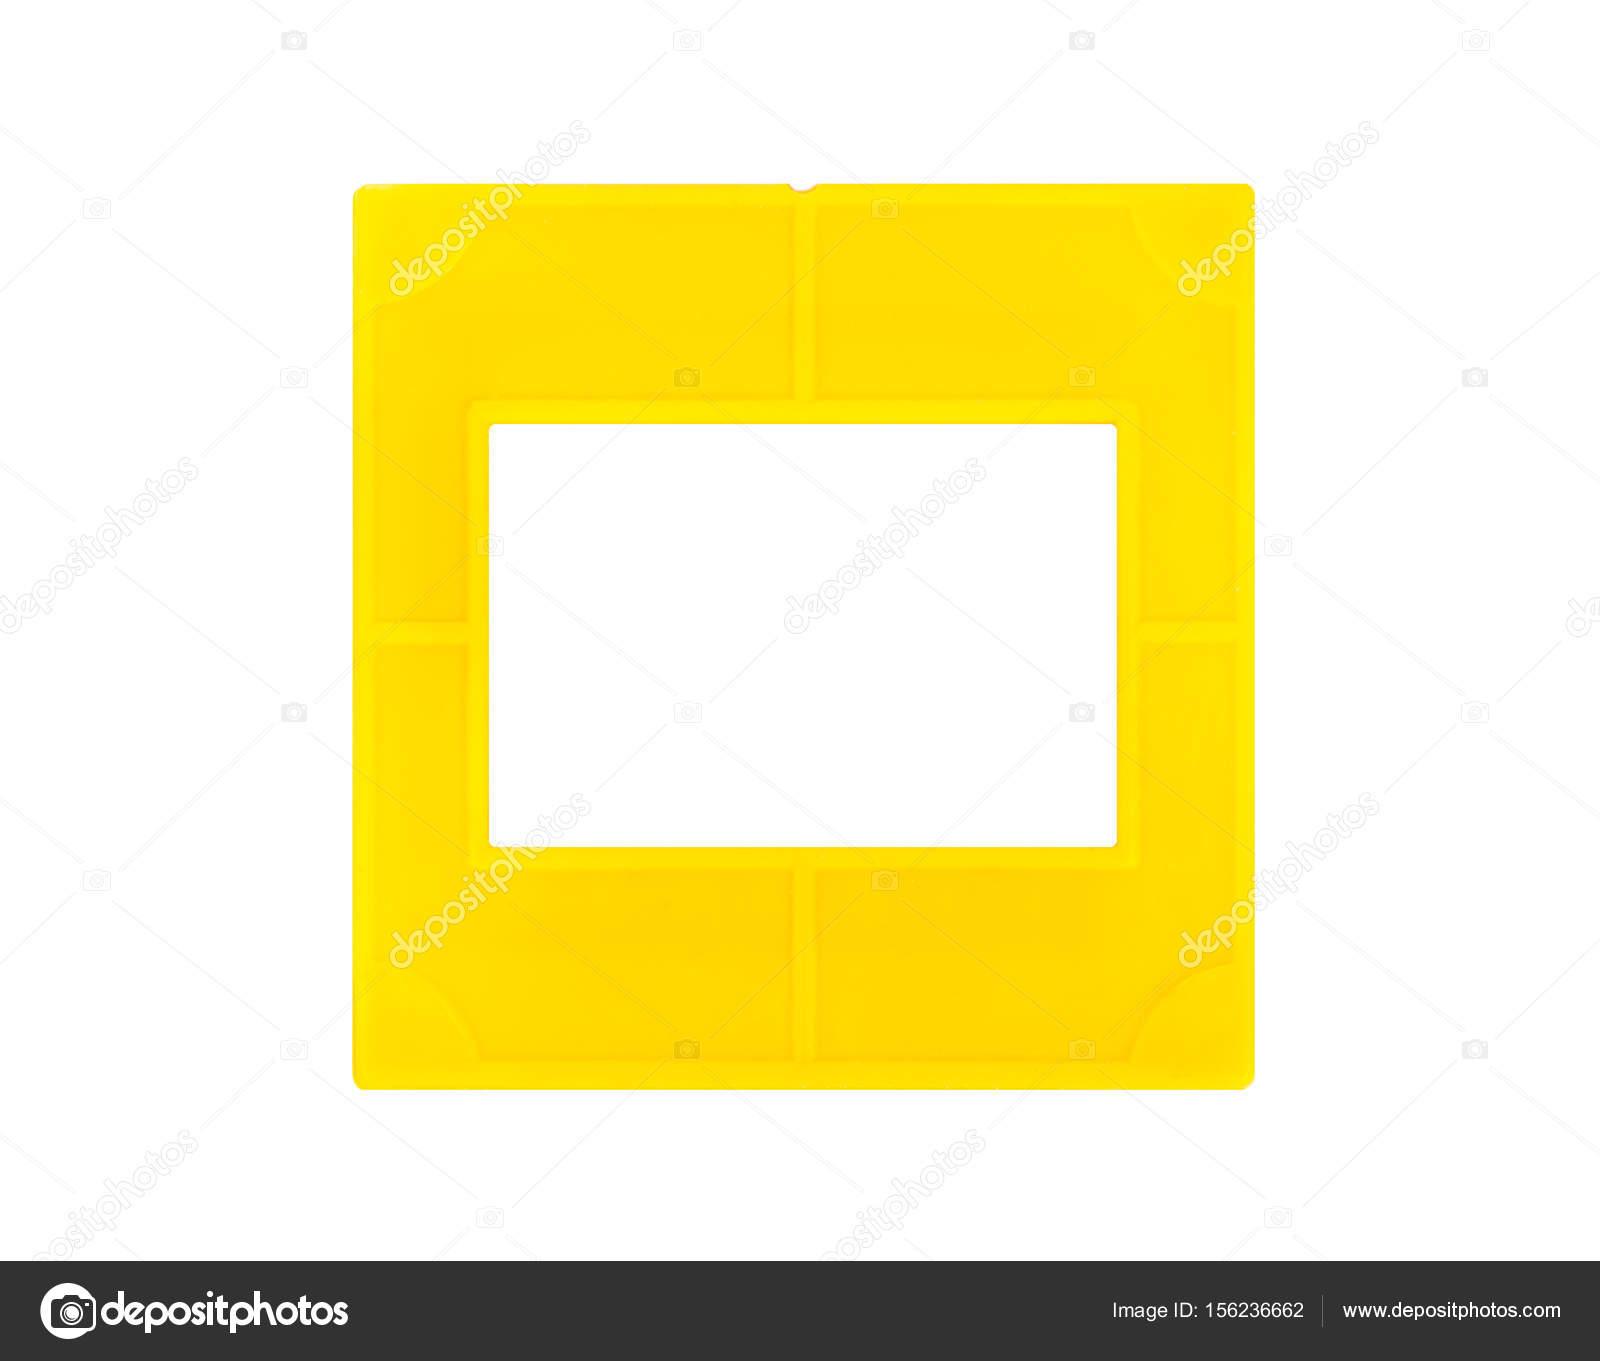 Marco de fotos para diapositivas — Foto de stock © Violin #156236662